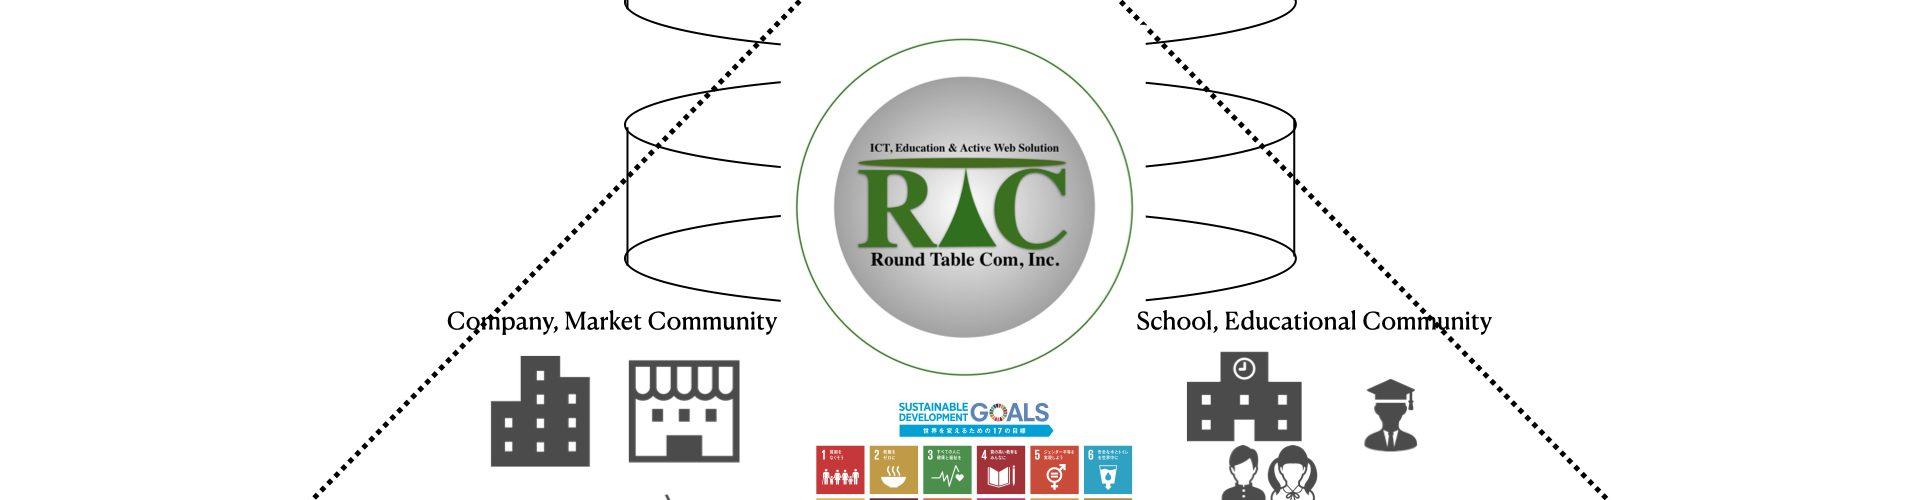 Round Table Com, Inc.